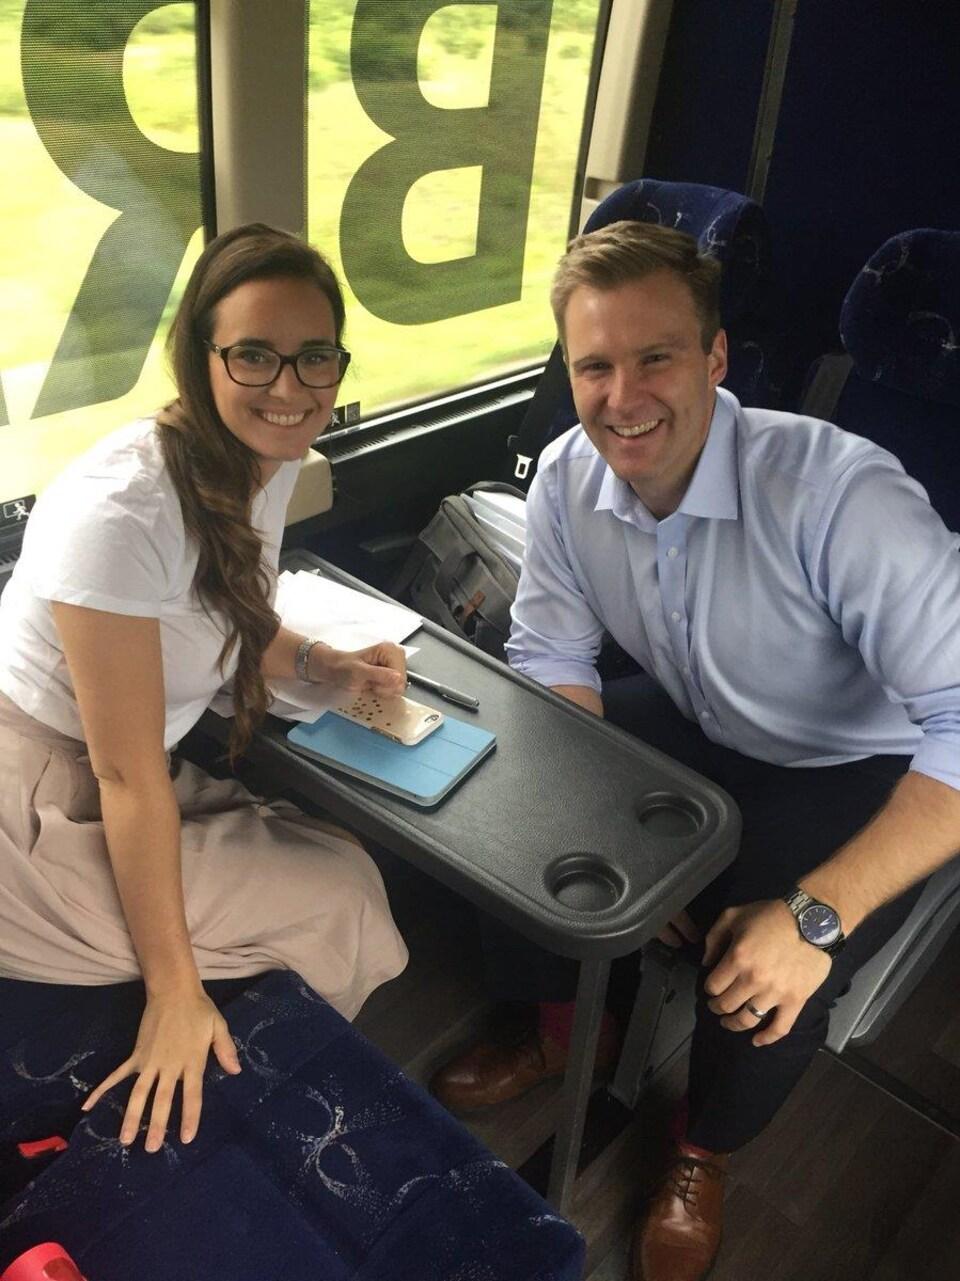 Brian et Karine Gallant, souriants, sont assis ensemble dans l'autocar.